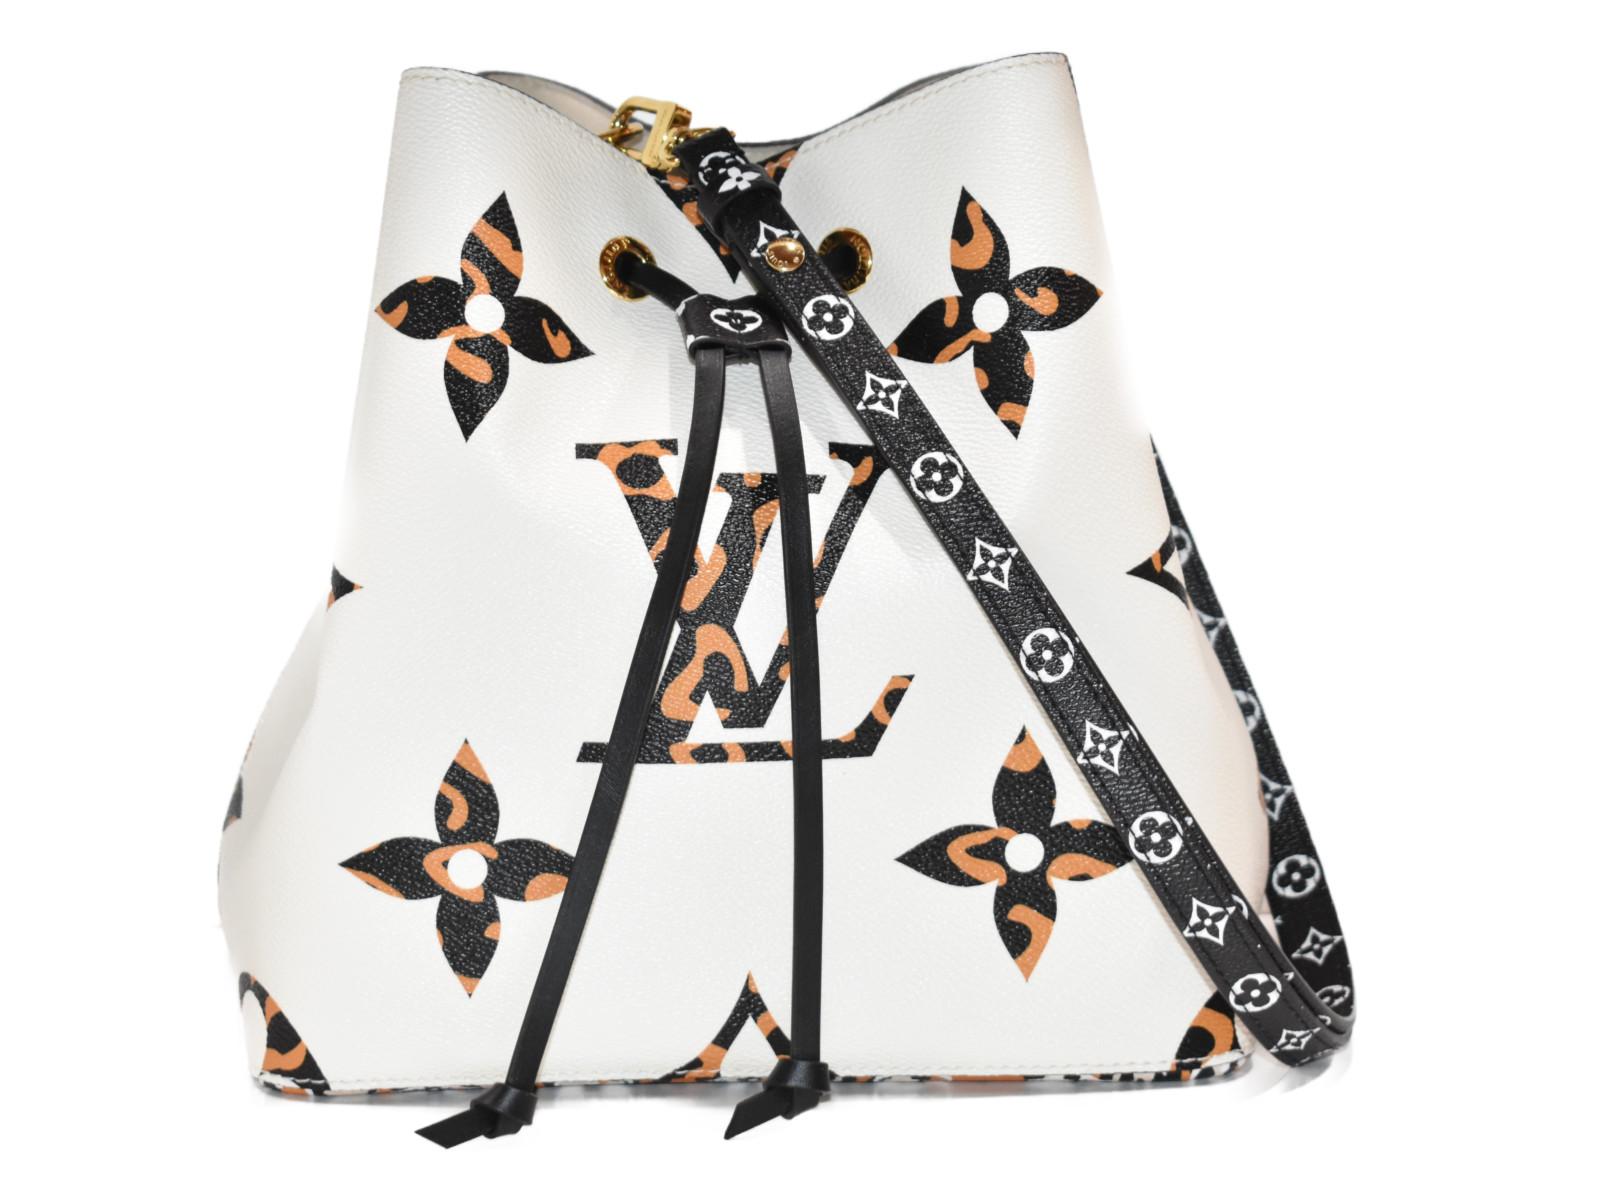 【箱有り☆】LOUISVUITTONネオノエ M44679 モノグラム ジャングル コーティングキャンバス レディース メンズ ユニセックス 巾着バッグ ショルダーバッグ 2WAYバッグ プレゼント包装可  【中古】